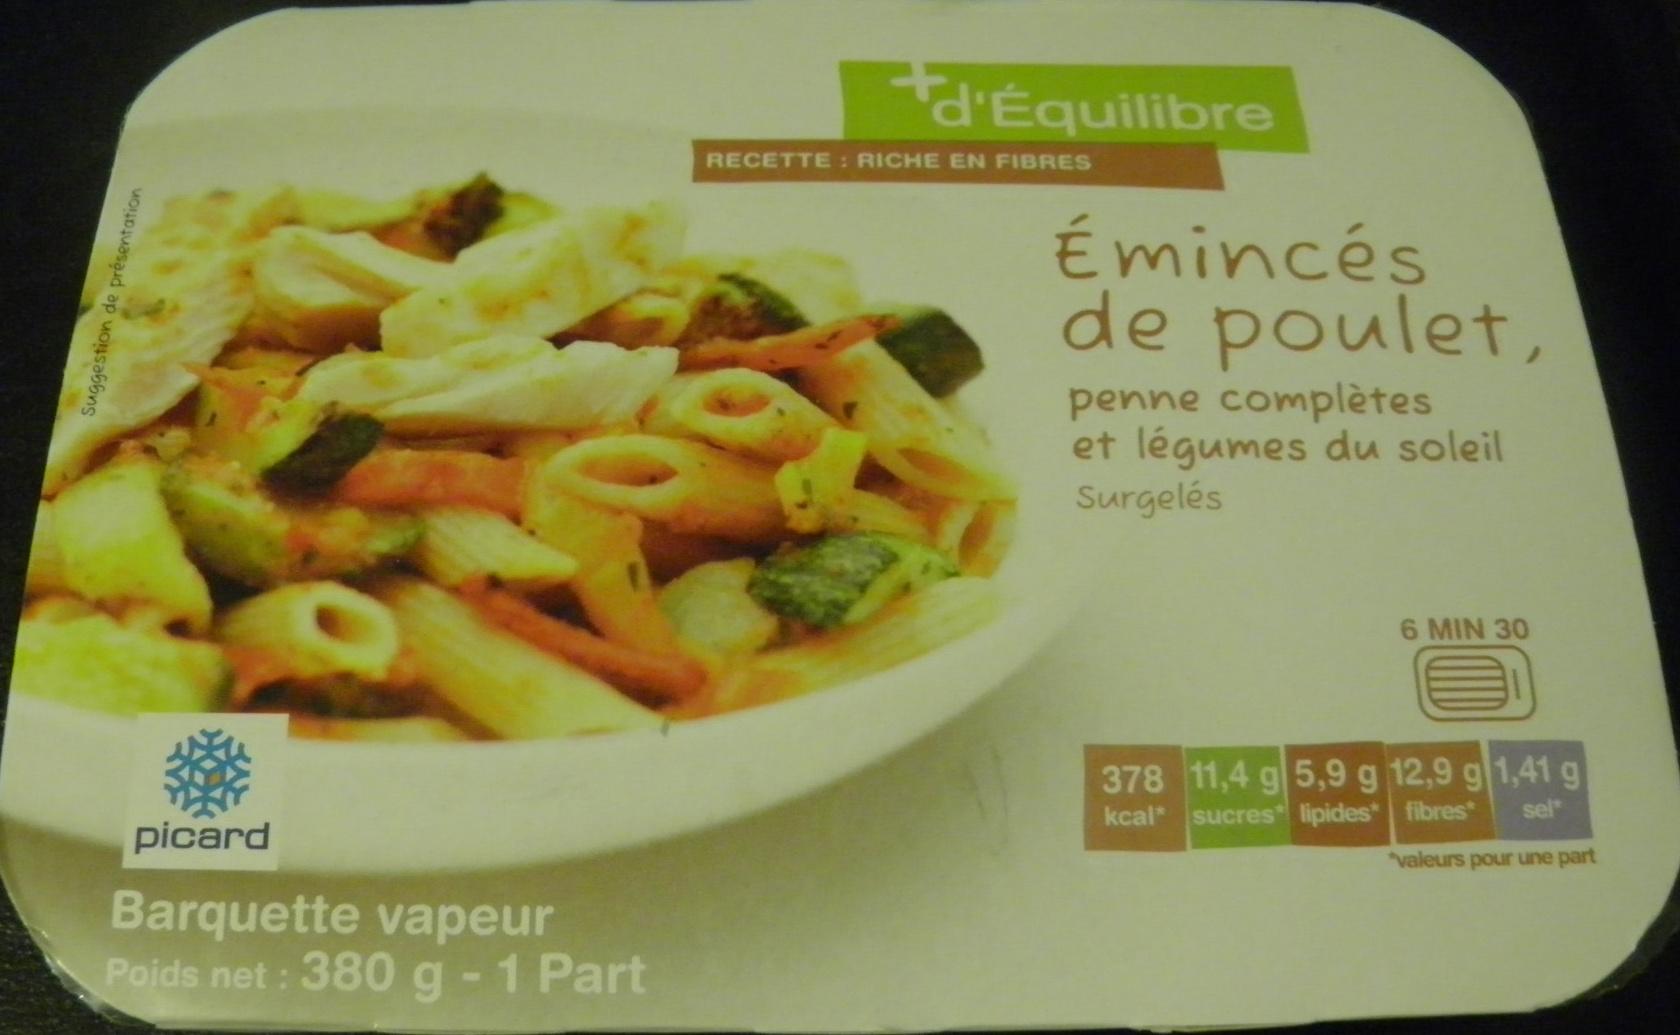 Emincés de poulet, Surgelés (1,6 % MG) - Product